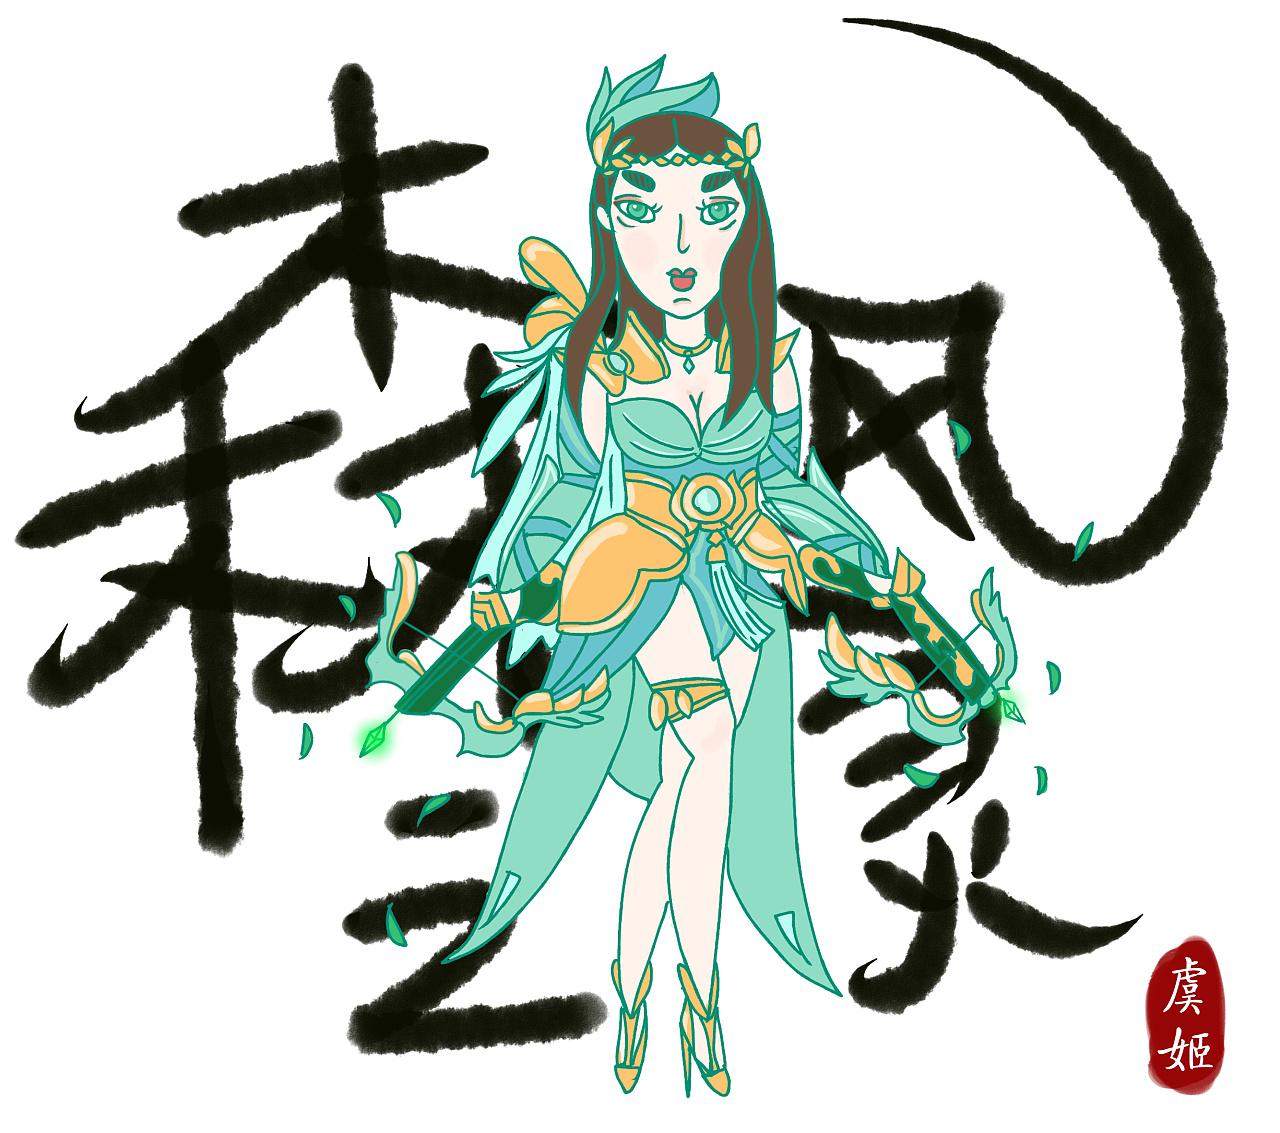 王者荣耀-虞姬 手绘练习